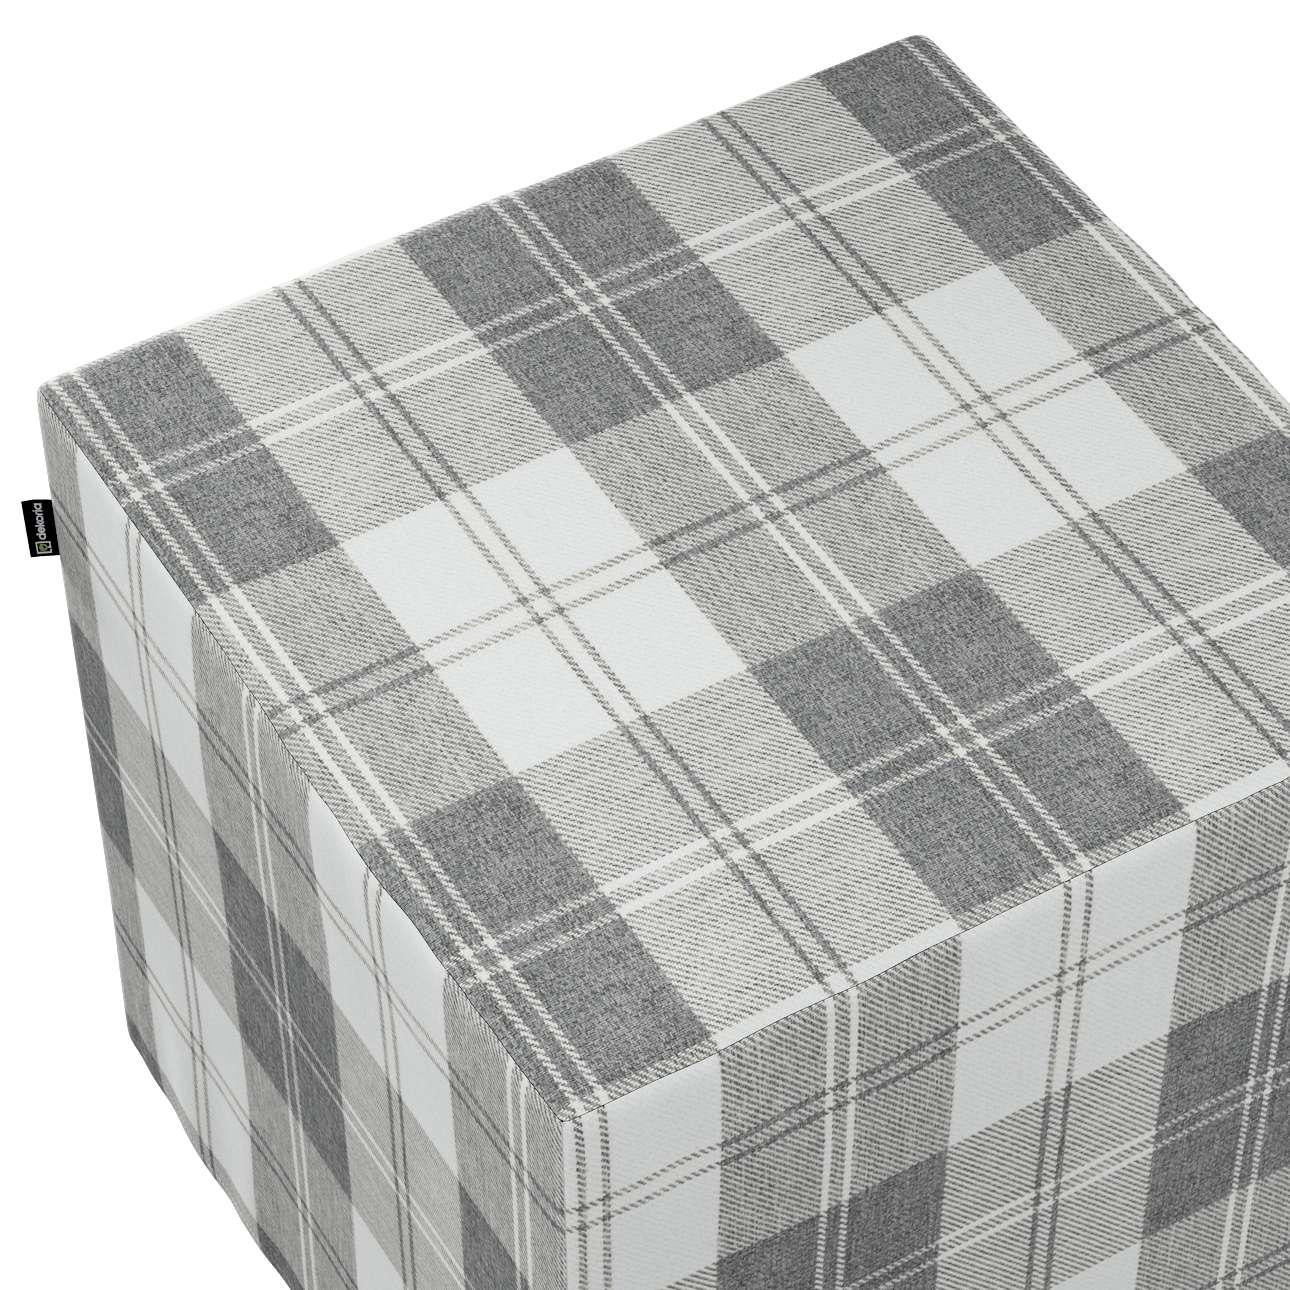 Pokrowiec na pufę kostkę w kolekcji Edinburgh, tkanina: 115-79